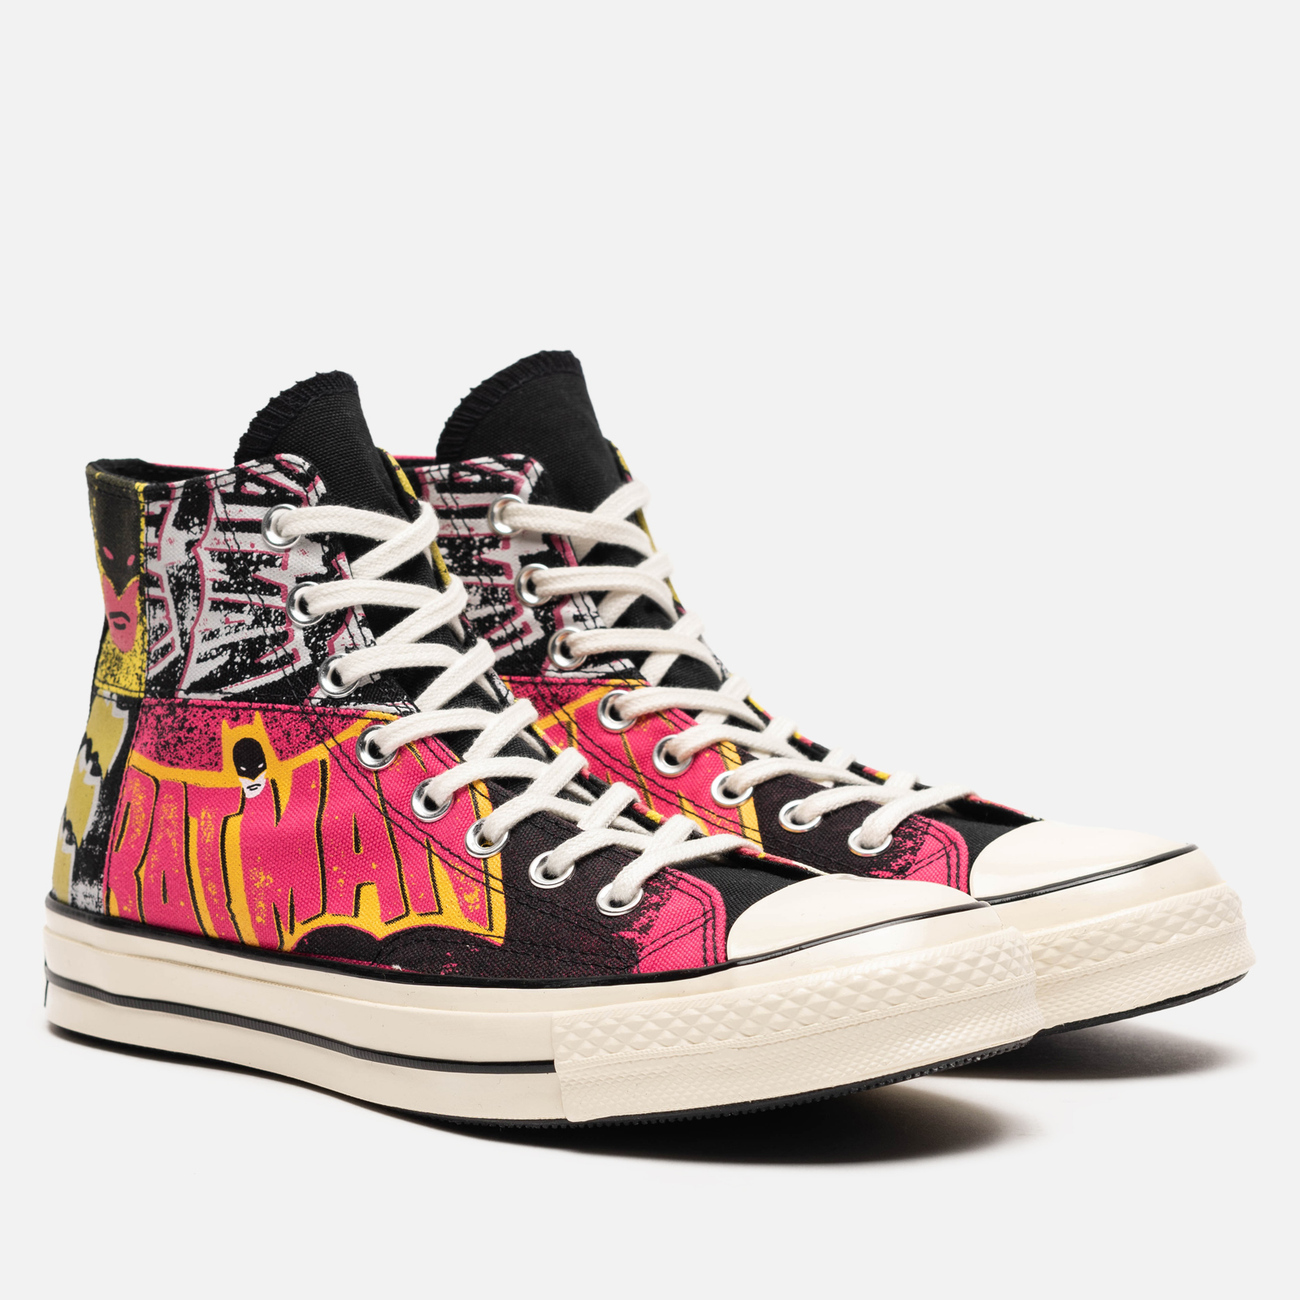 Кеды Converse x Batman Chuck 70 High Black/Hot Pink/Egret